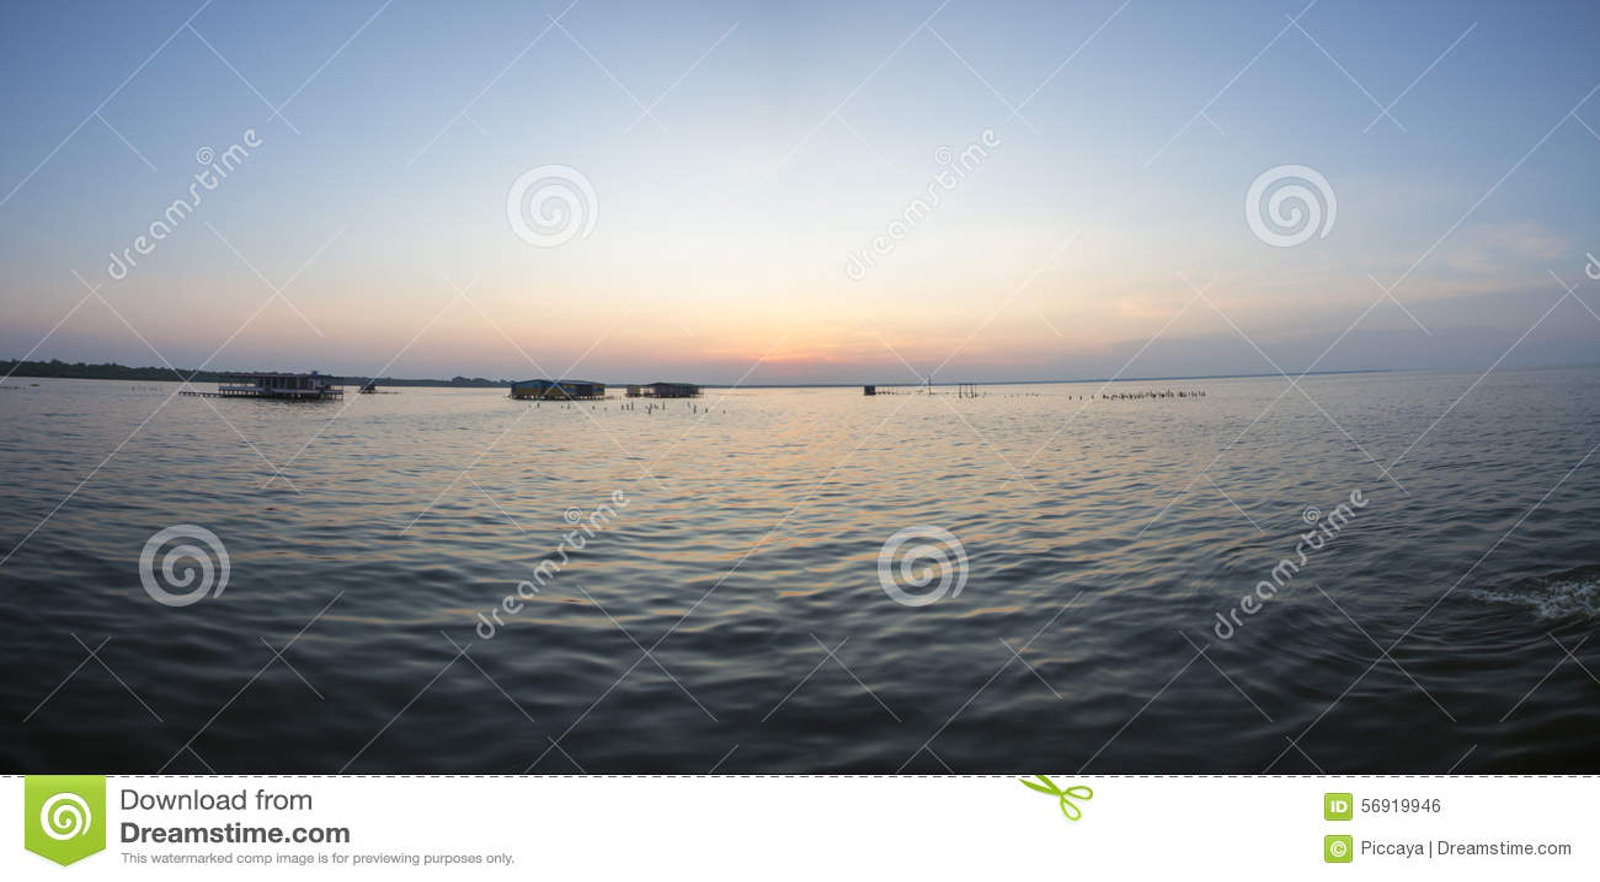 Πανοραμική άποψη του ηλιοβασιλέματος στη λίμνη Μαρακαΐμπο, Βενεζουέλα